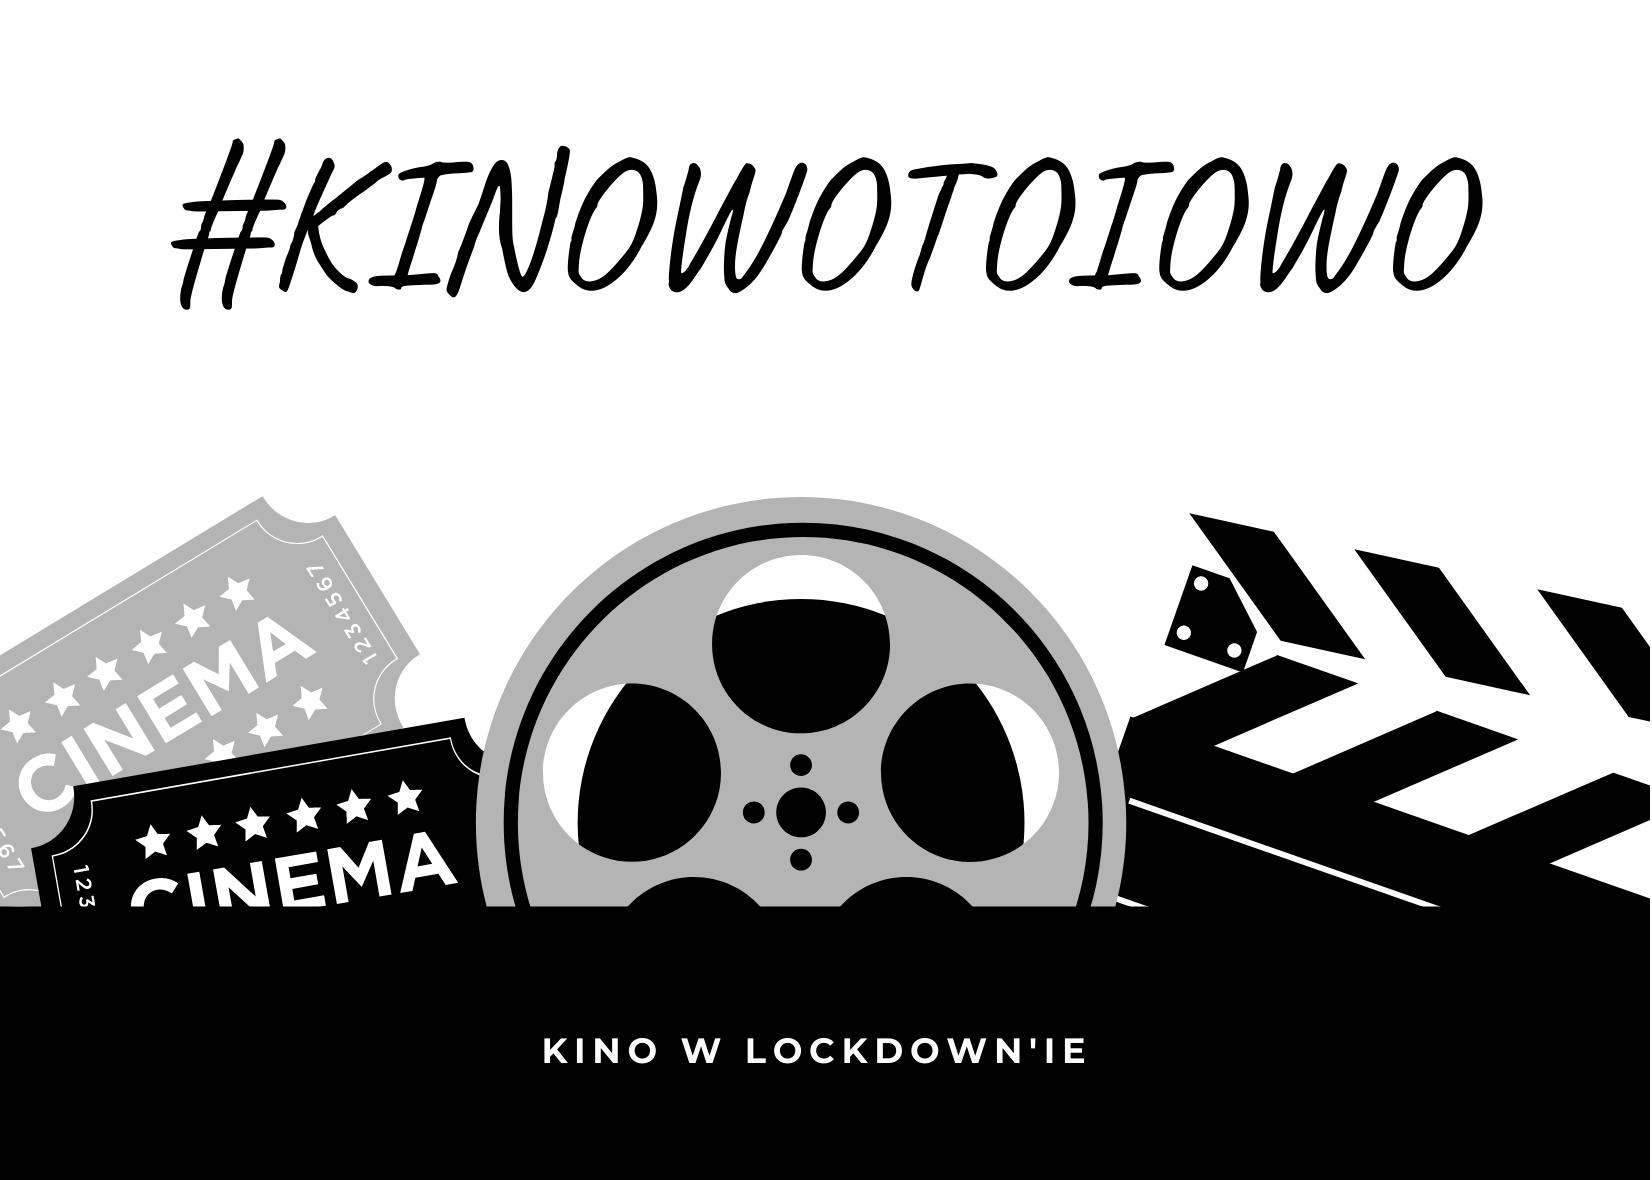 Nie taki on-line straszny #kinowotoiowo /Pierwszy film z dźwiękiem przestrzennym